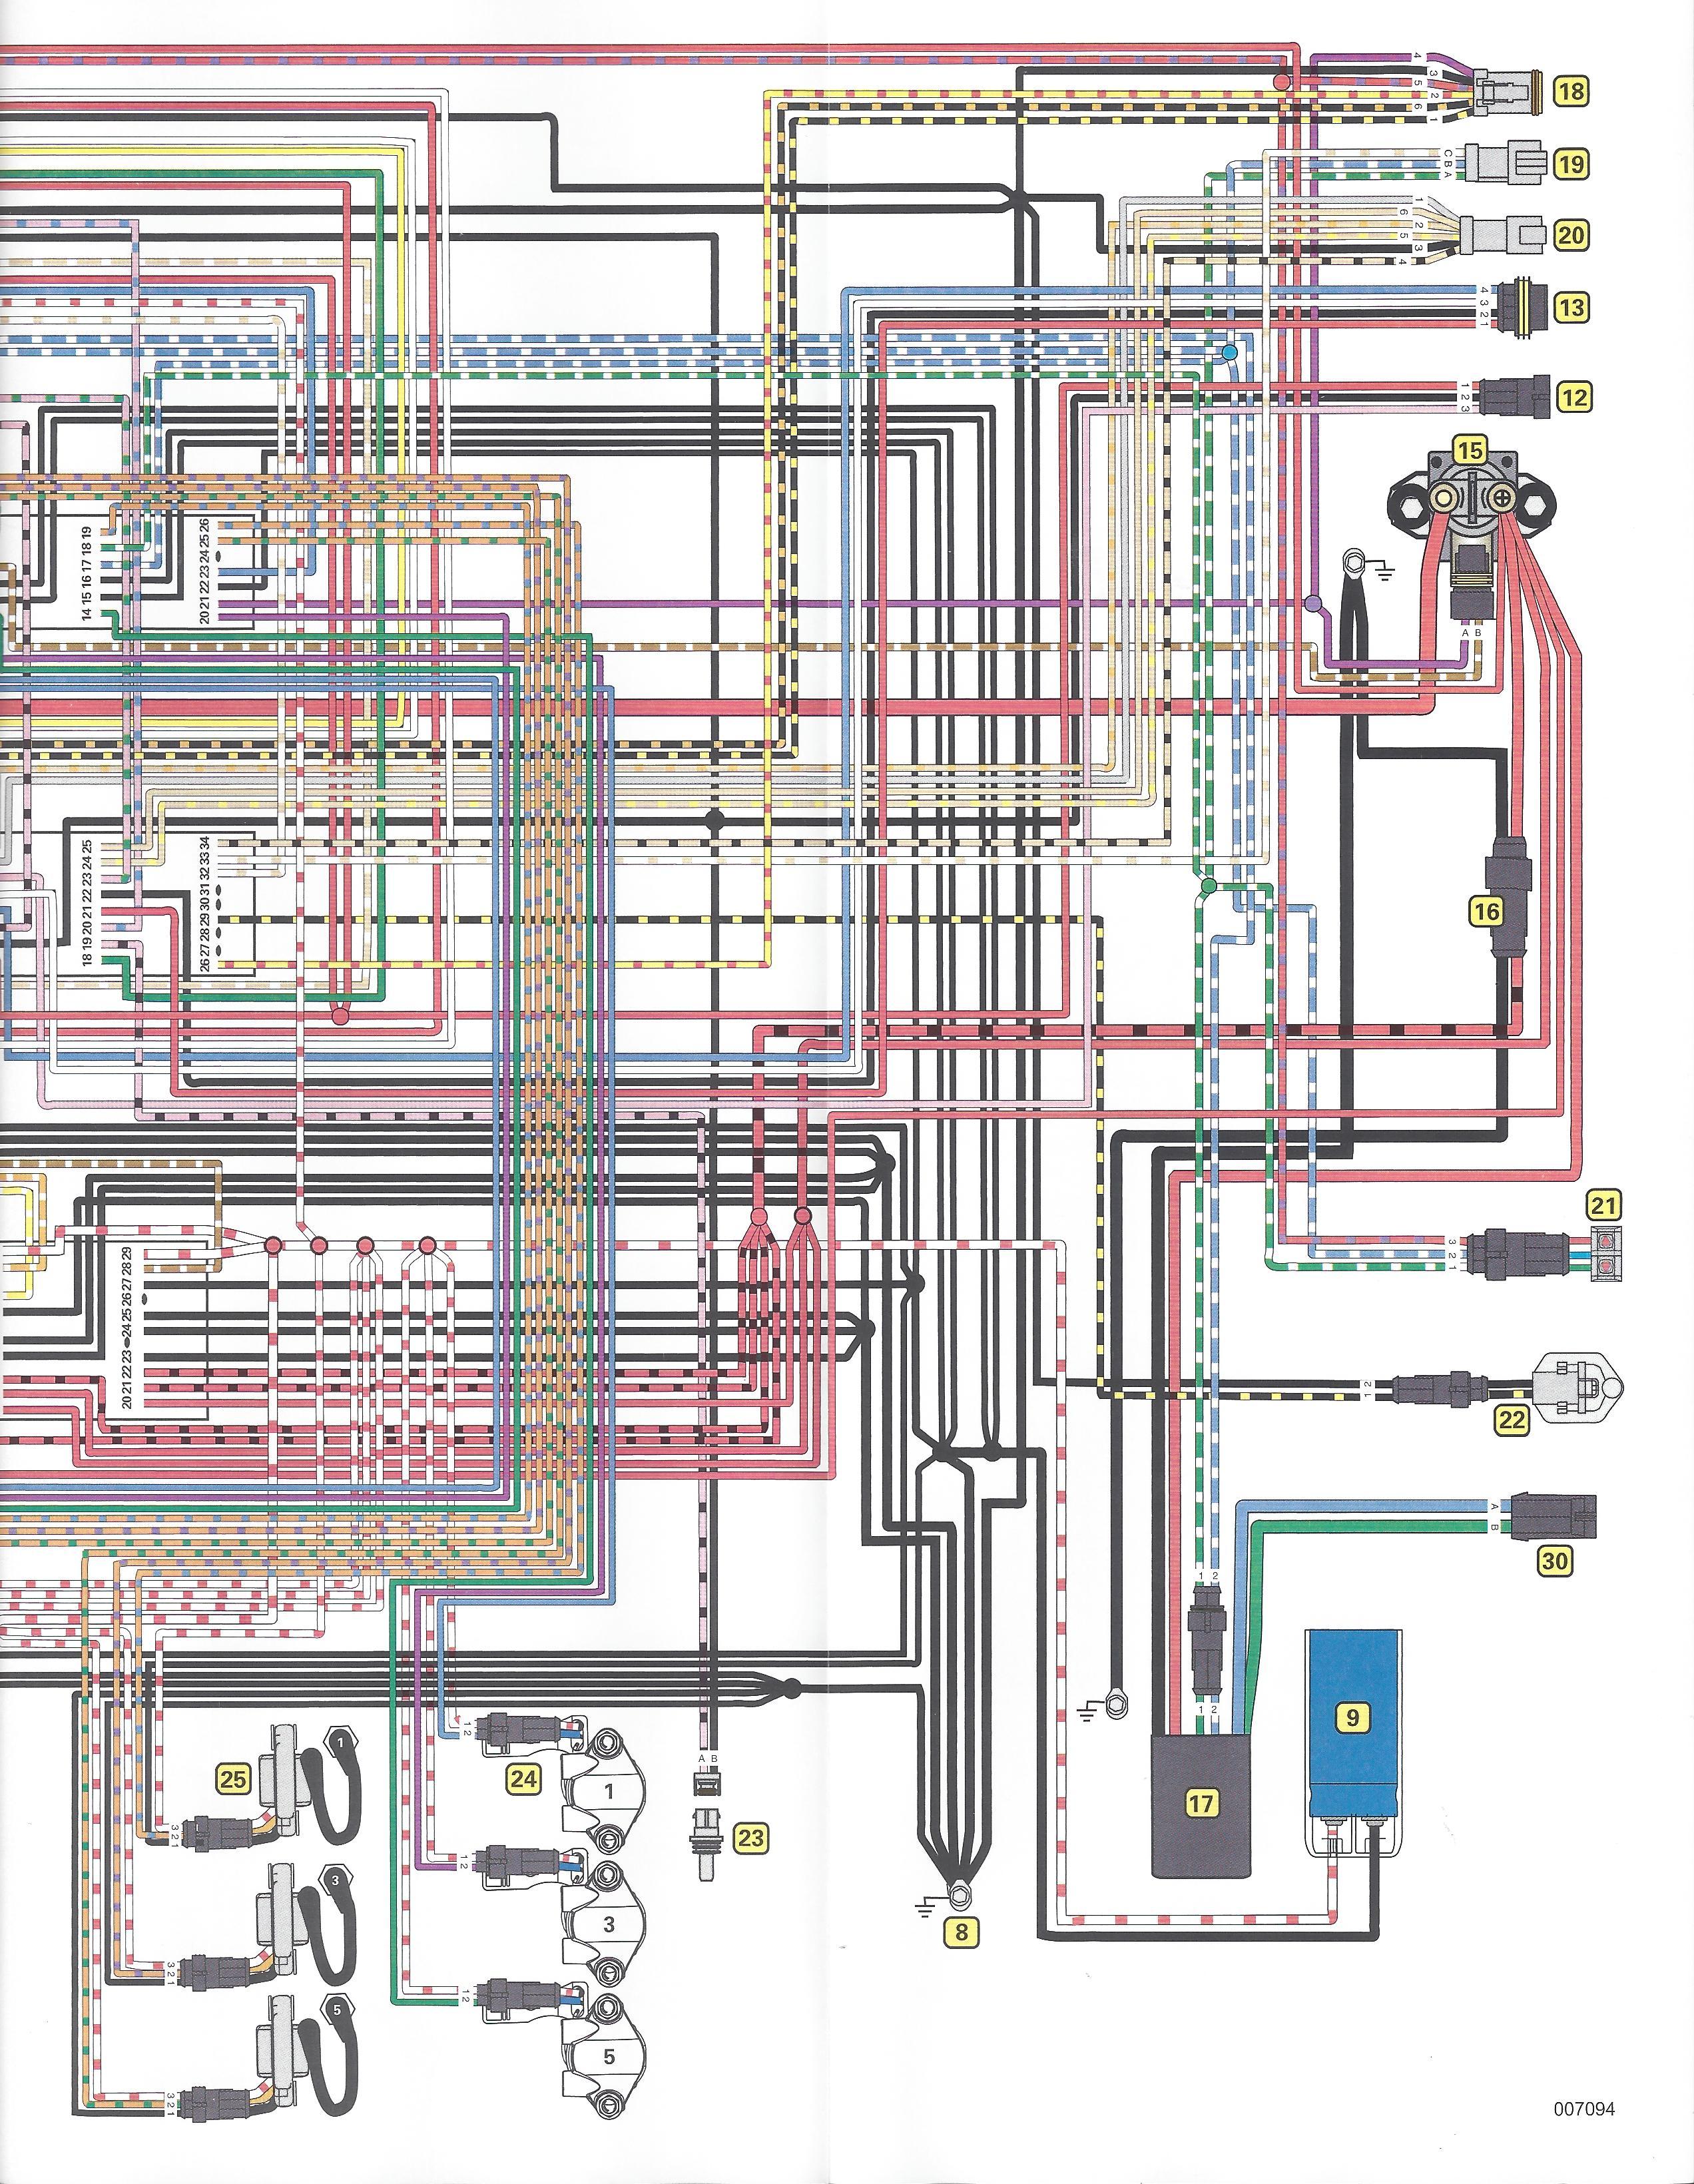 evinrude etec wiring schematics xa 2851  evinrude wiring diagrams free diagram  evinrude wiring diagrams free diagram